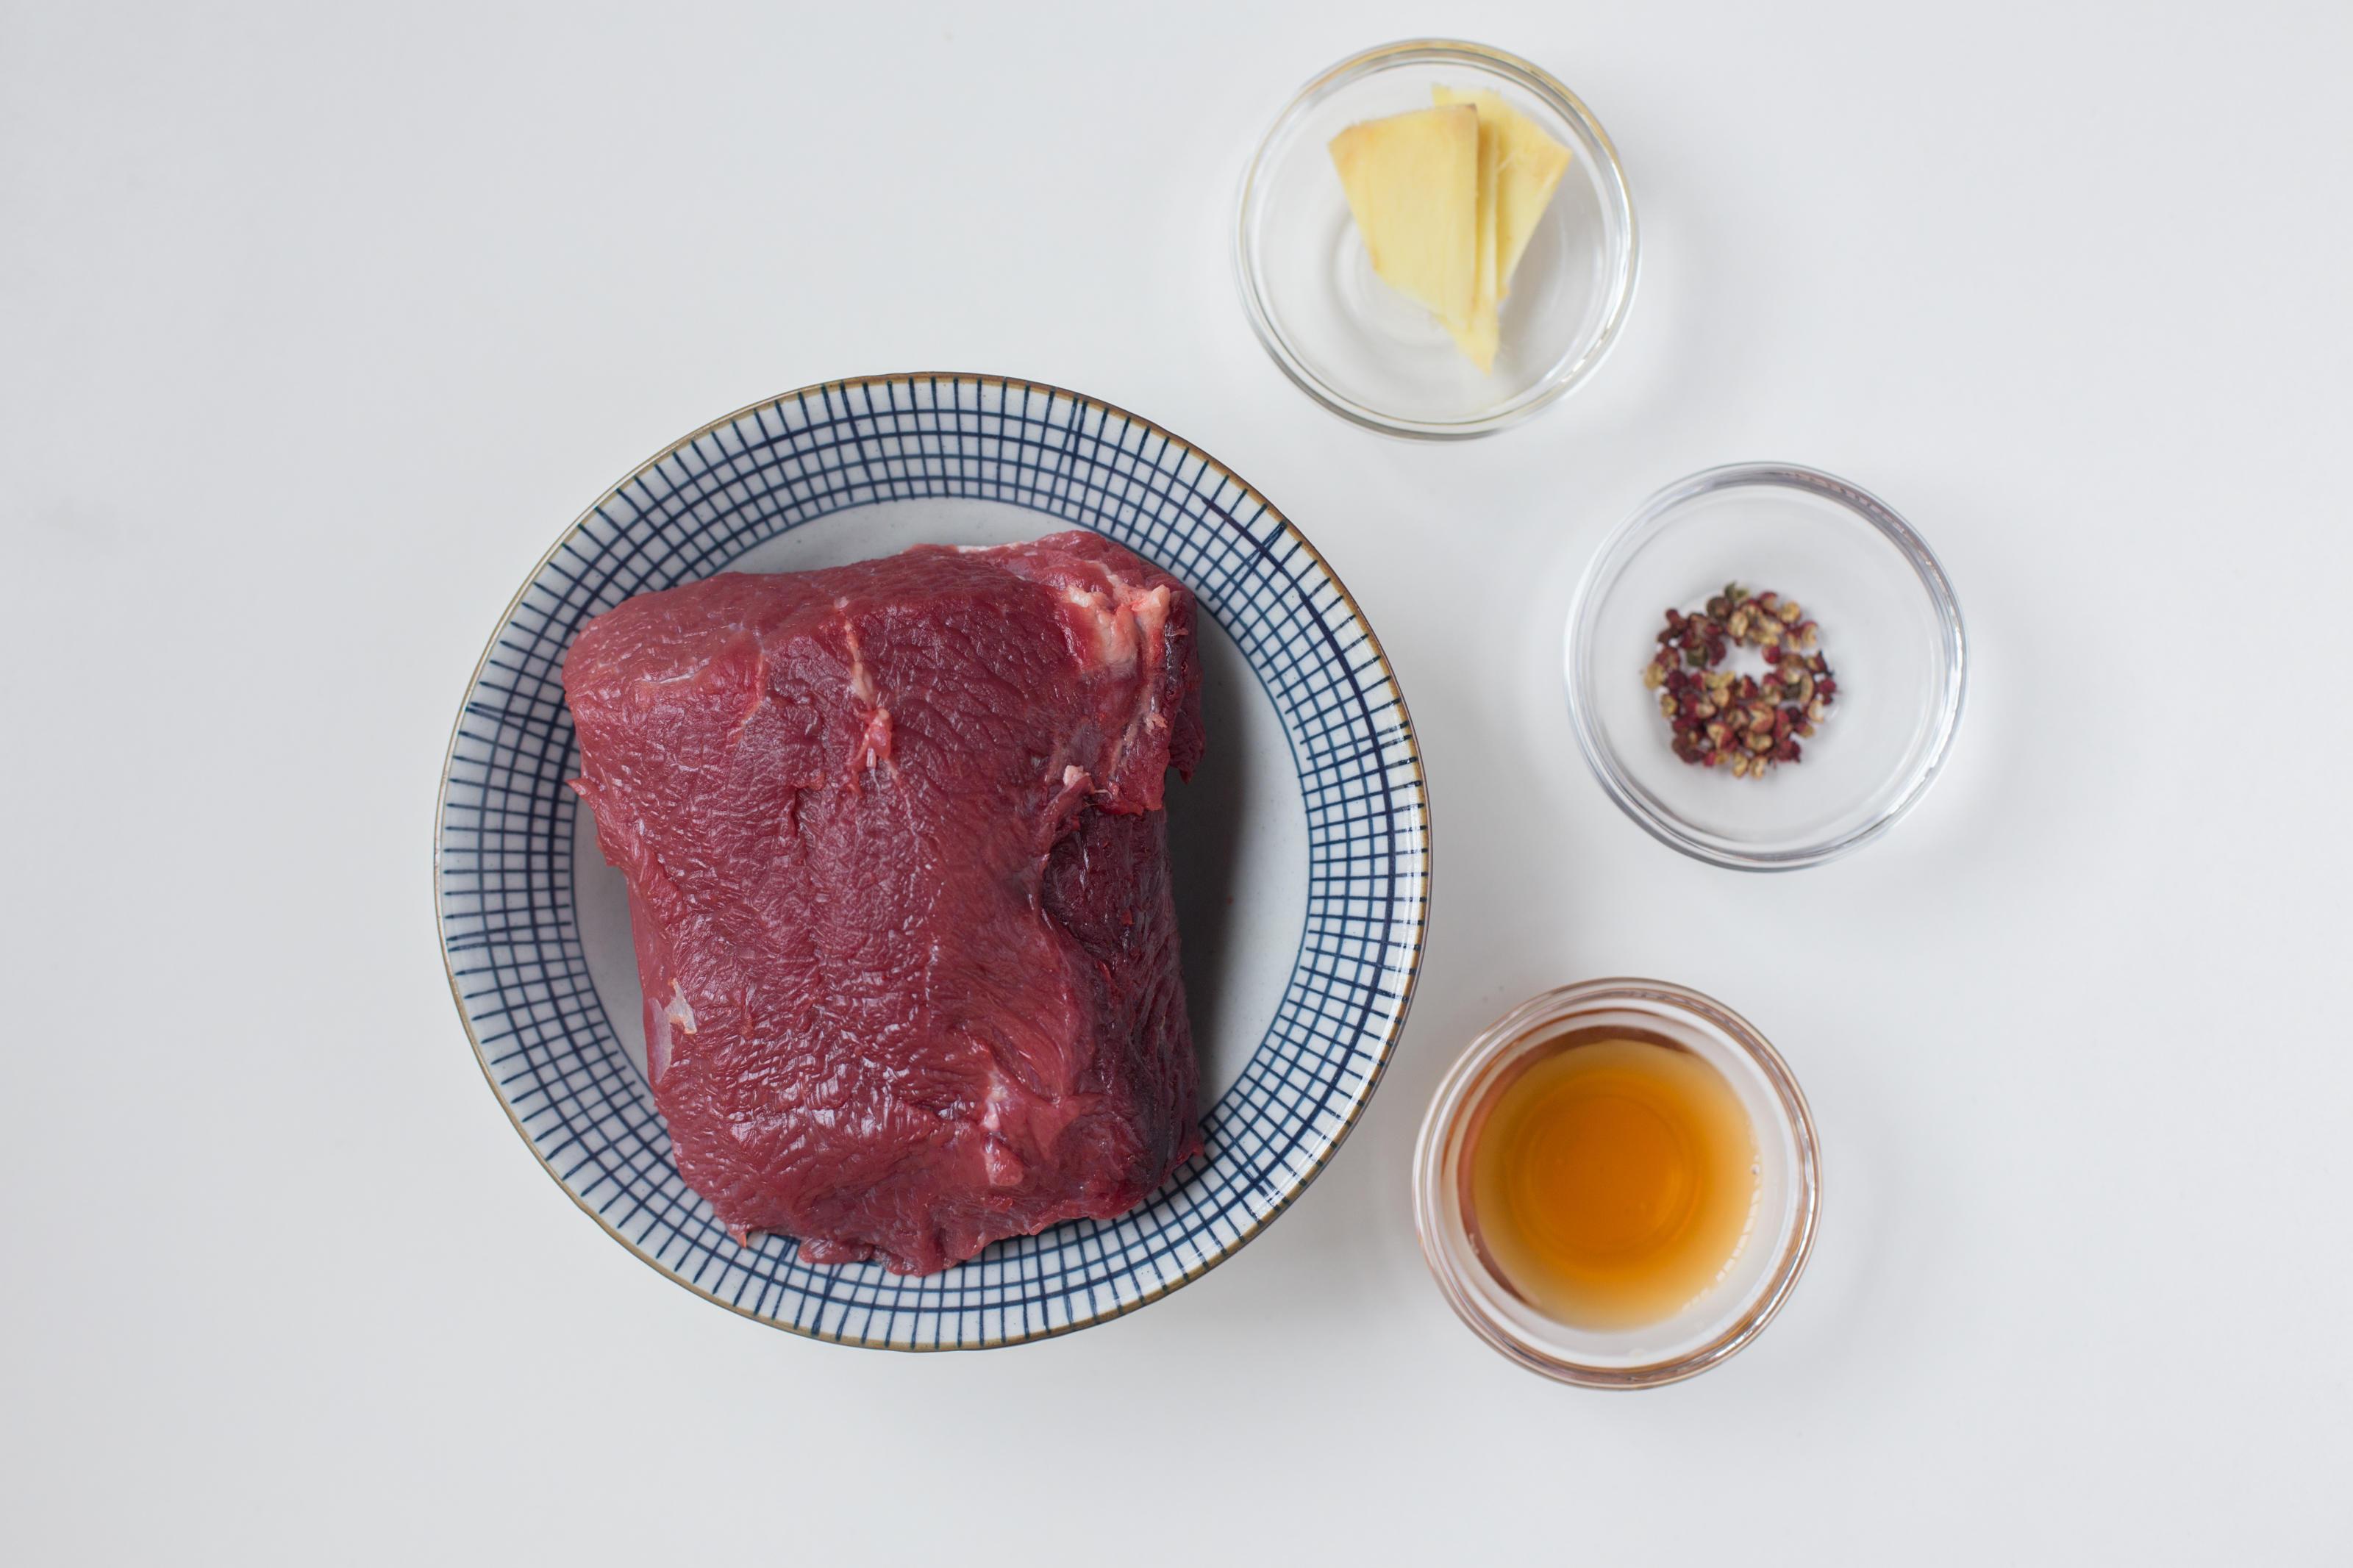 冷吃牛肉(好吃到停不下来)的做法 步骤1